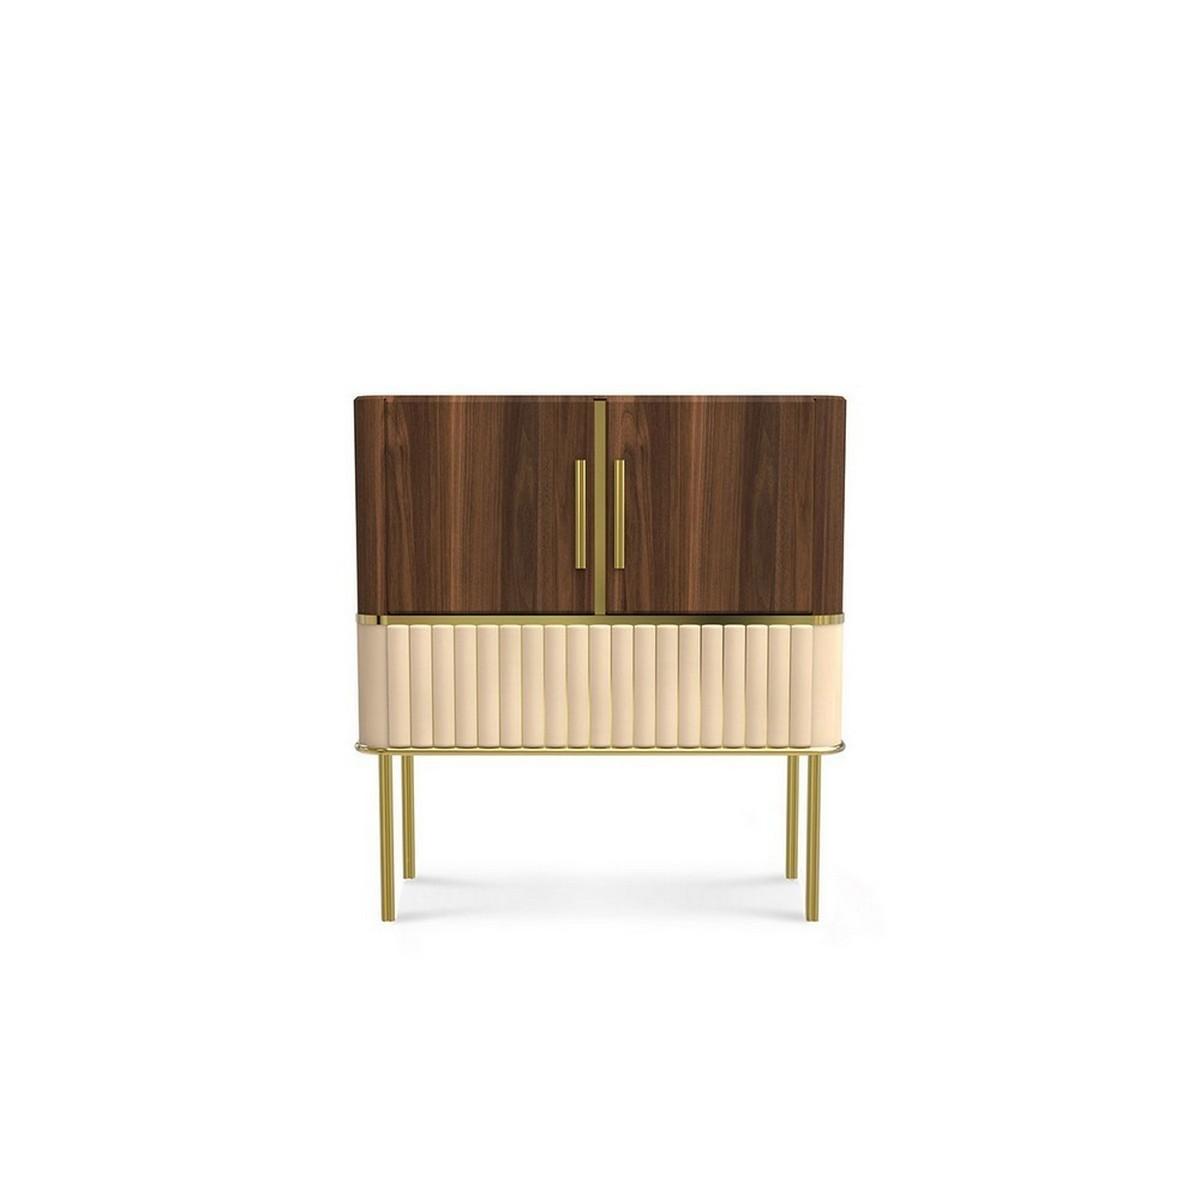 Diseño de Interiores: Armarios de Bar para un proyecto lujuoso diseño de interiores Diseño de Interiores: Armarios de Bar para un proyecto lujuoso eh hepburn cabinet general img 1200x1200